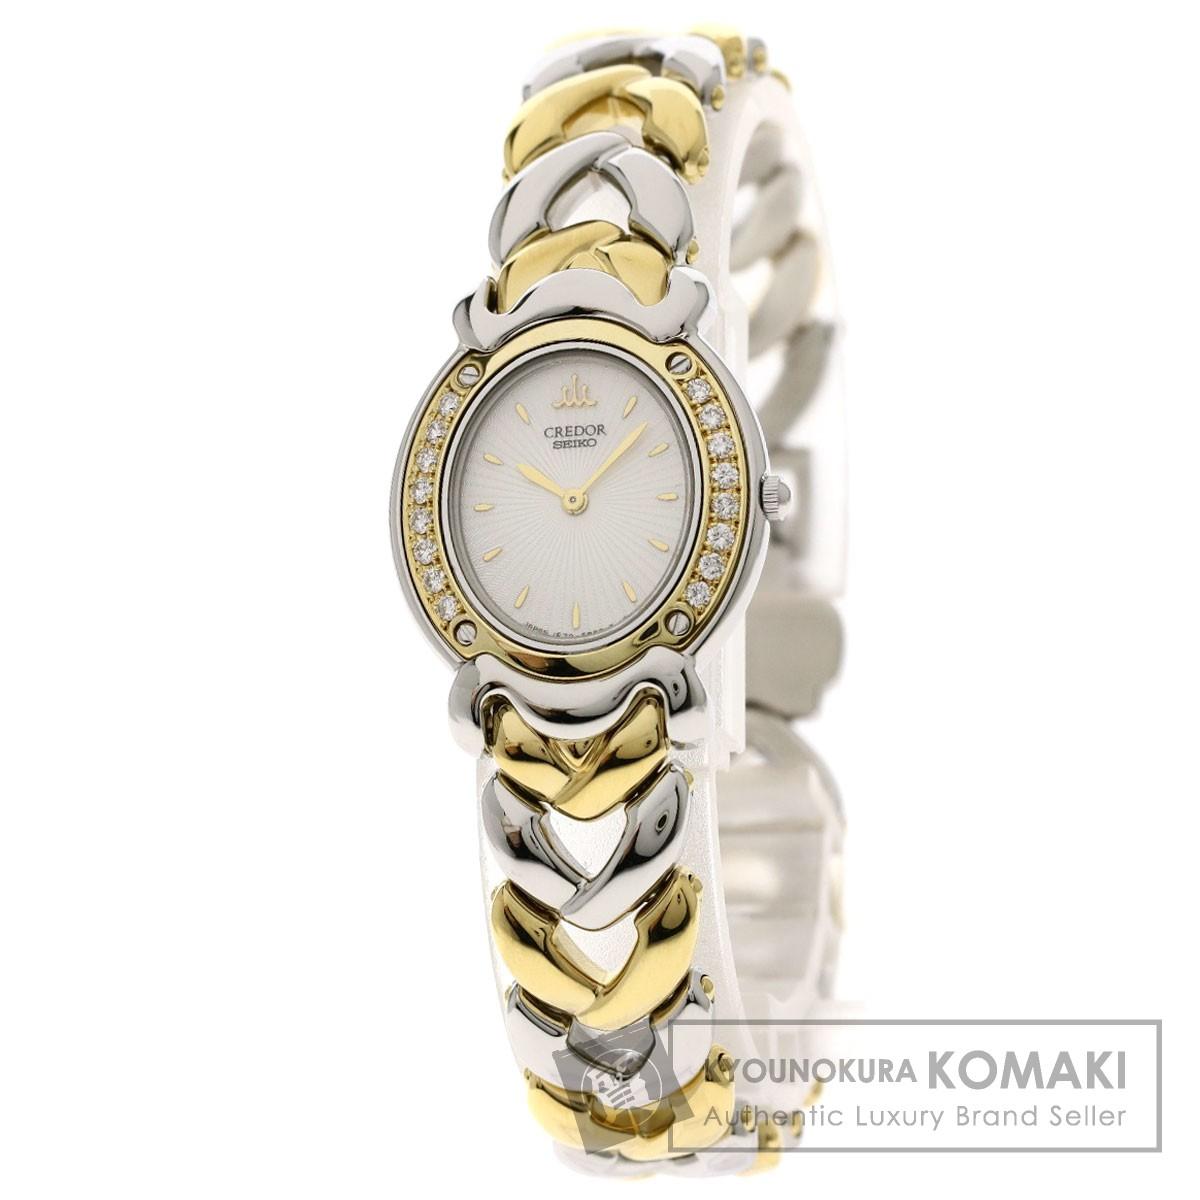 セイコー 1E70-3A70 クレドール ベゼルダイヤモンド 腕時計 ステンレススチール/SSxK18YG/ダイヤモンド レディース 【中古】【SEIKO】